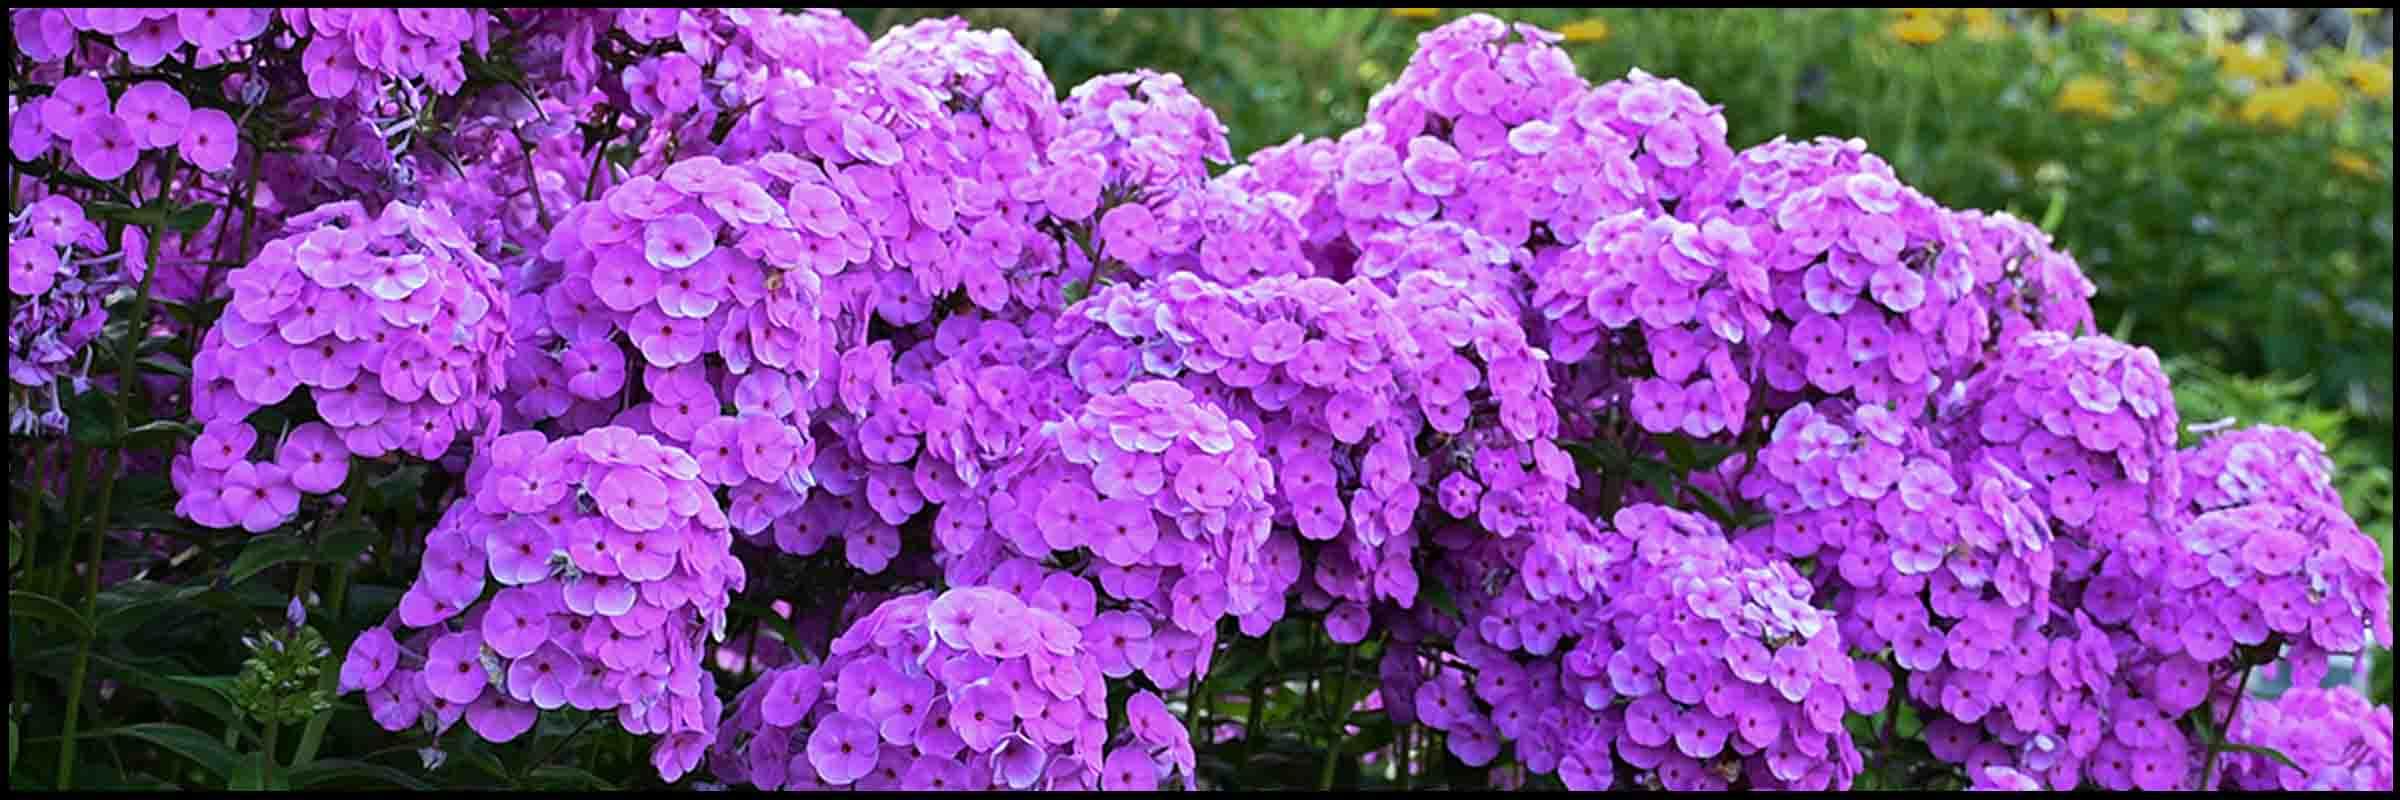 Perennials for sale online st louis missouri